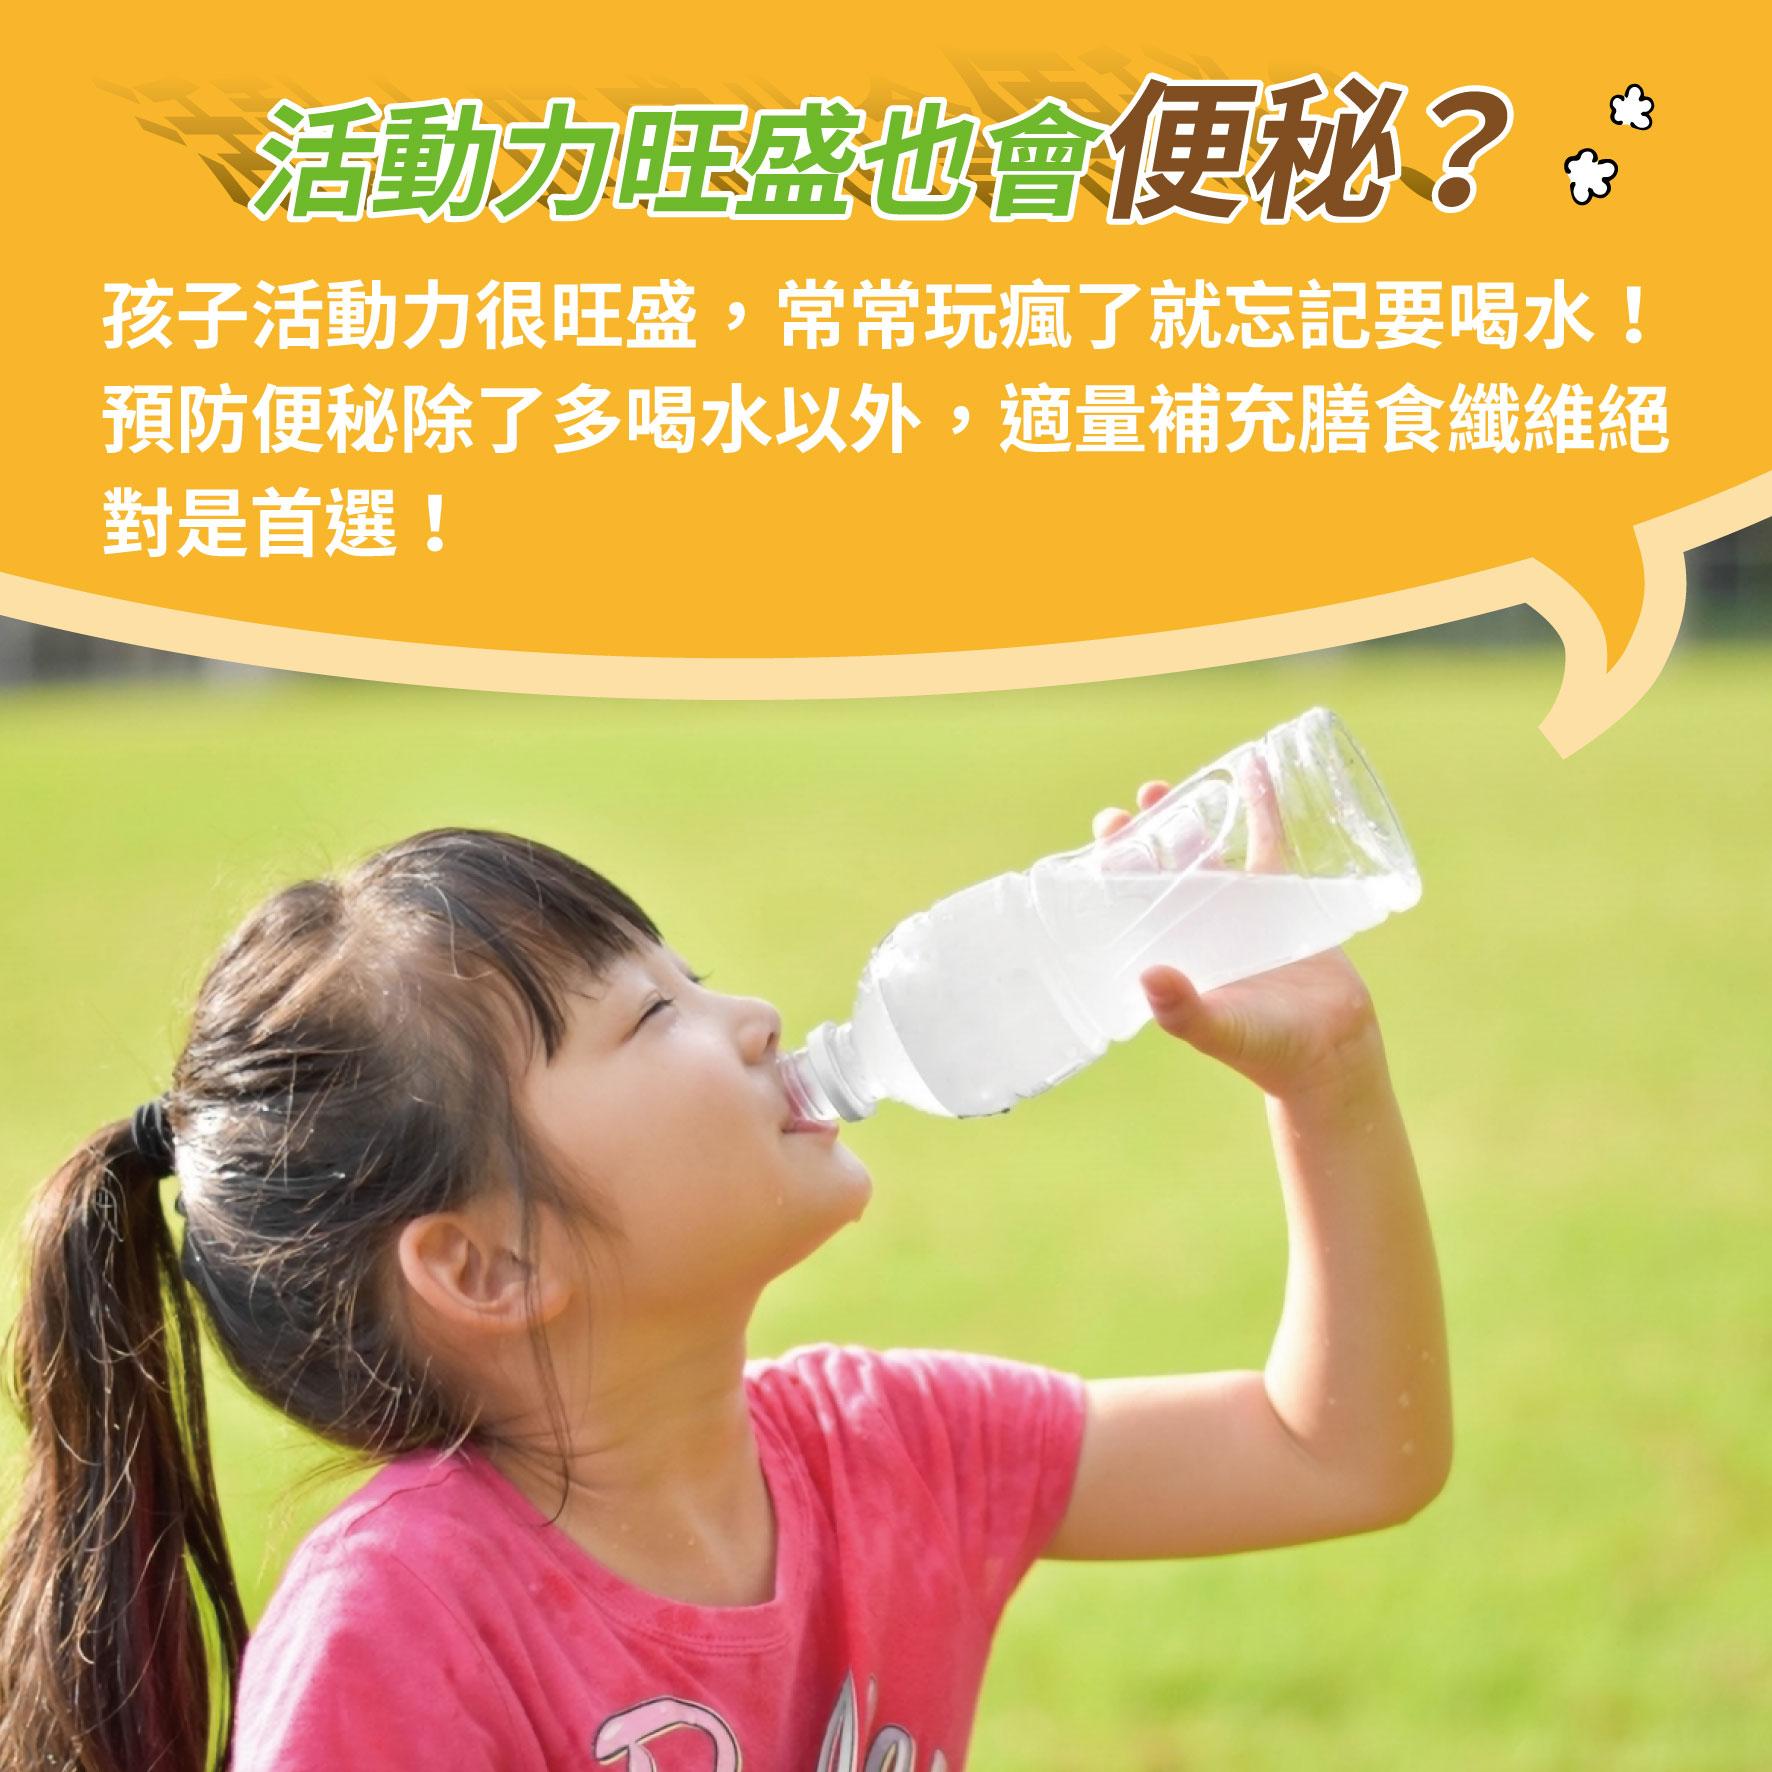 幼兒5歲(第24週)活動力旺盛也會便秘?